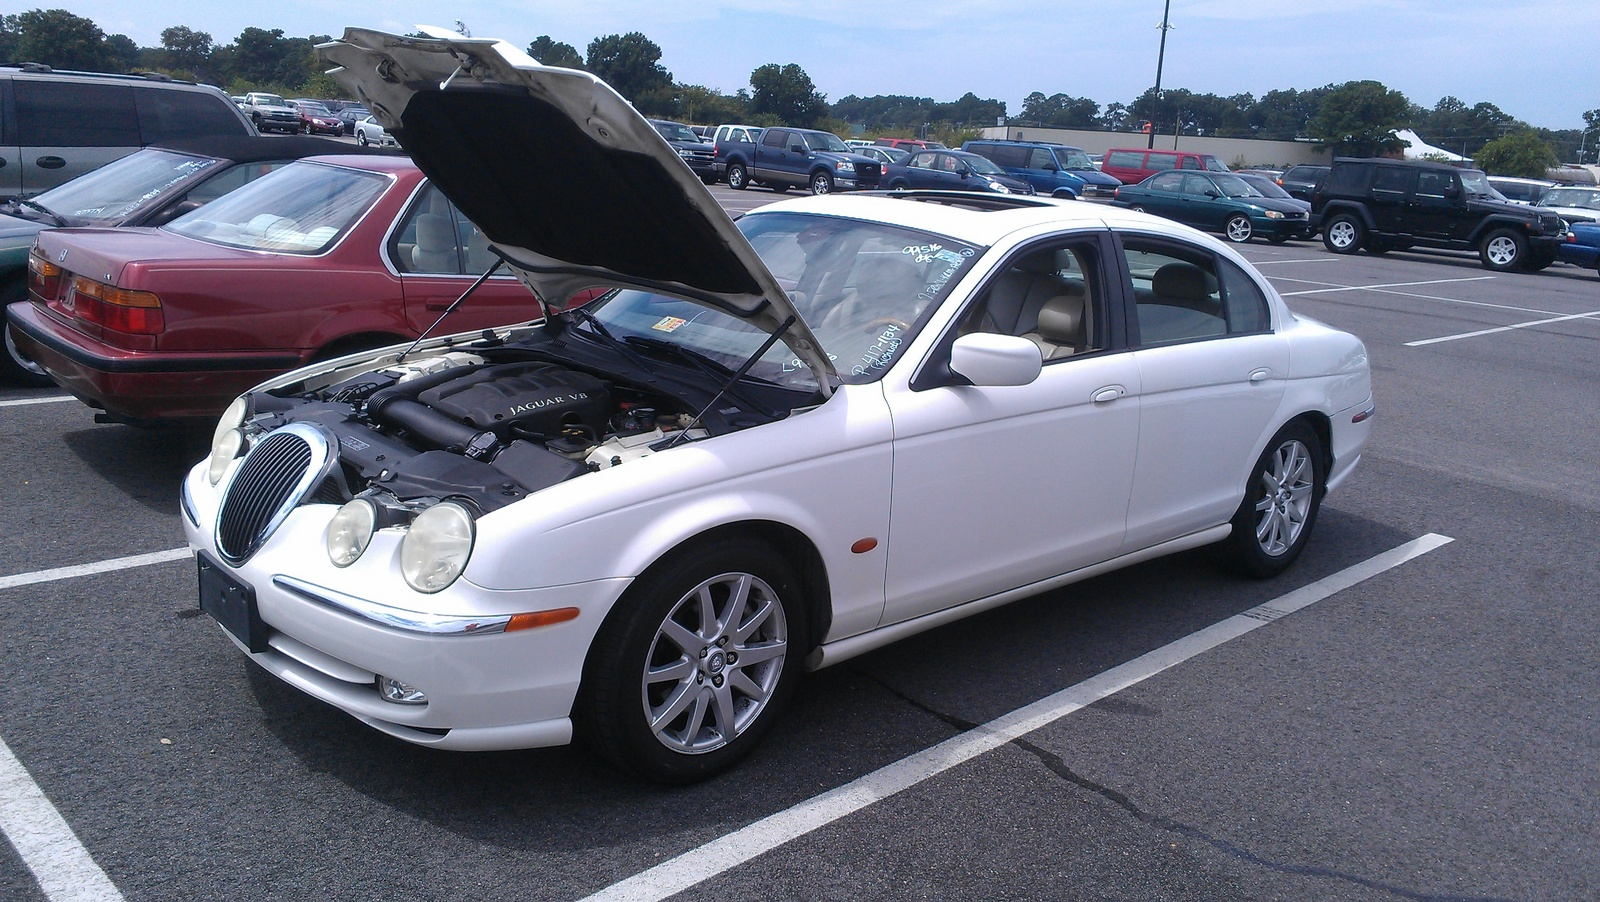 2001 Jaguar S-TYPE - Exterior Pictures - CarGurus